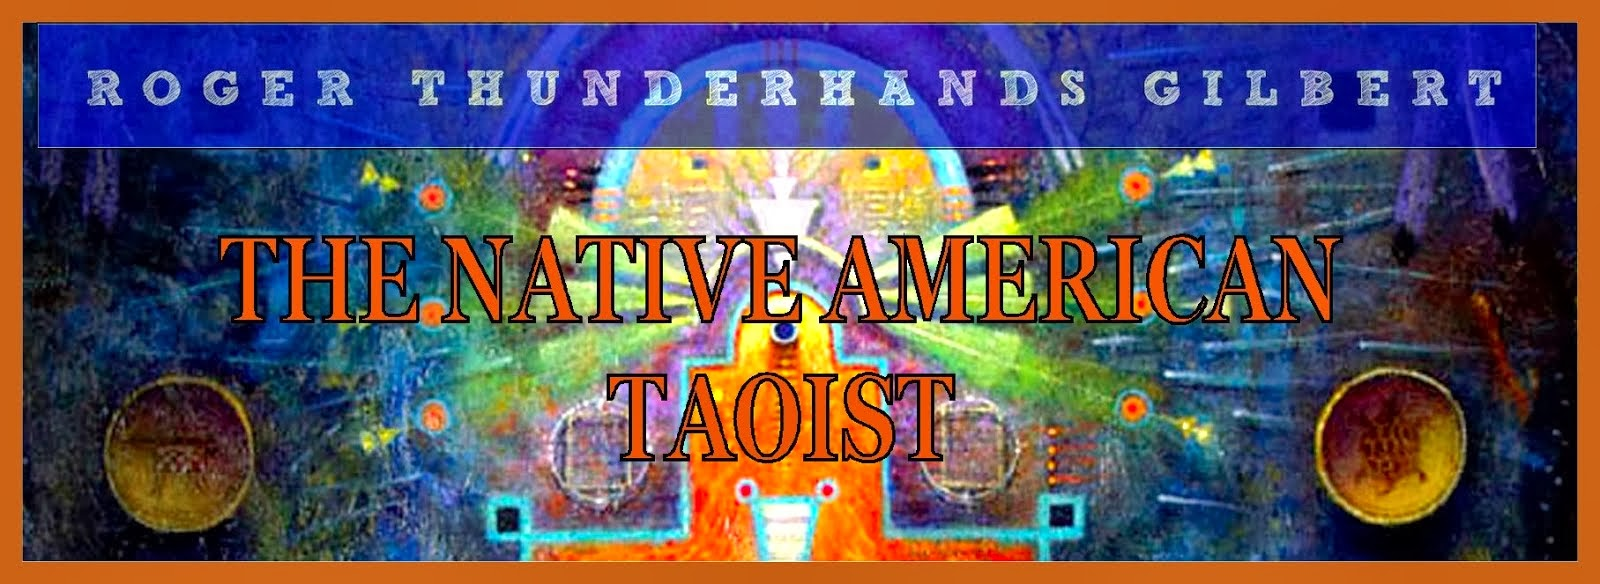 The Native American Taoist